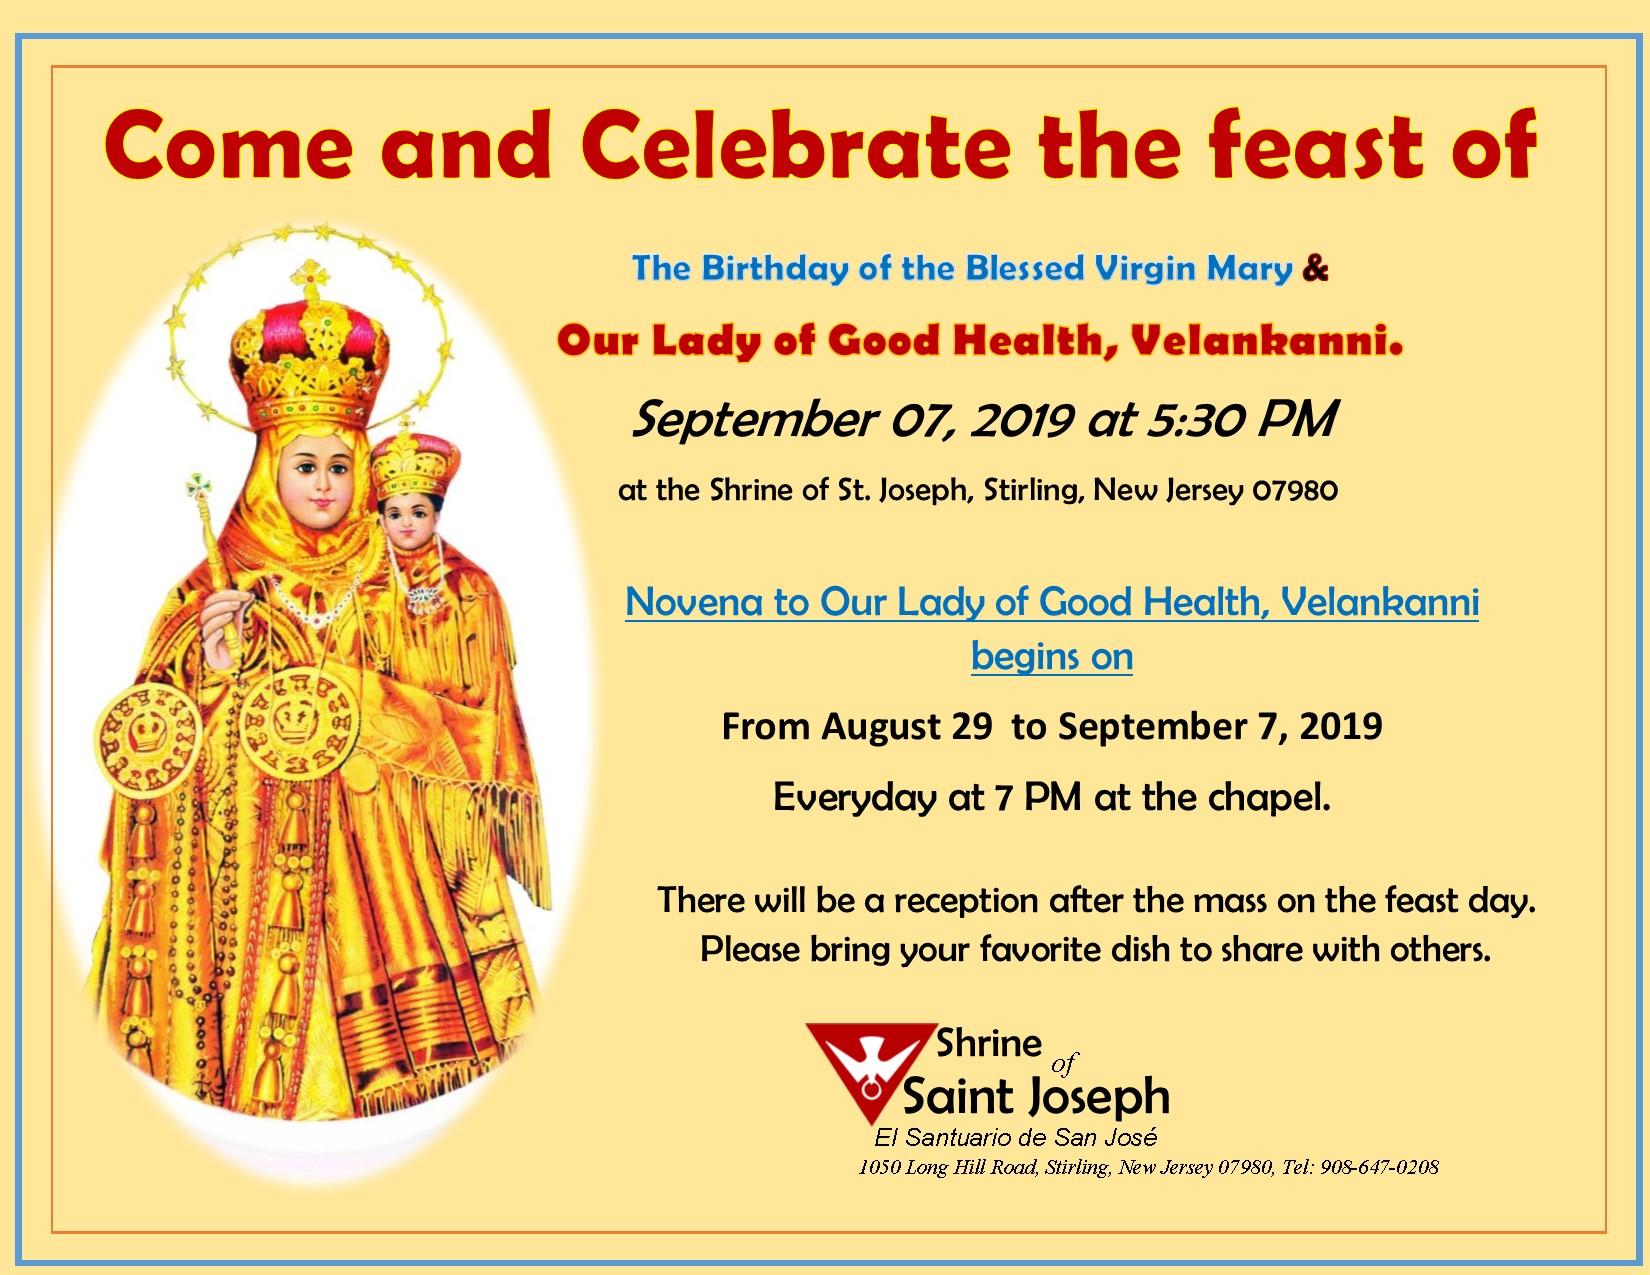 Velankanni Feast 2019 (2).jpg